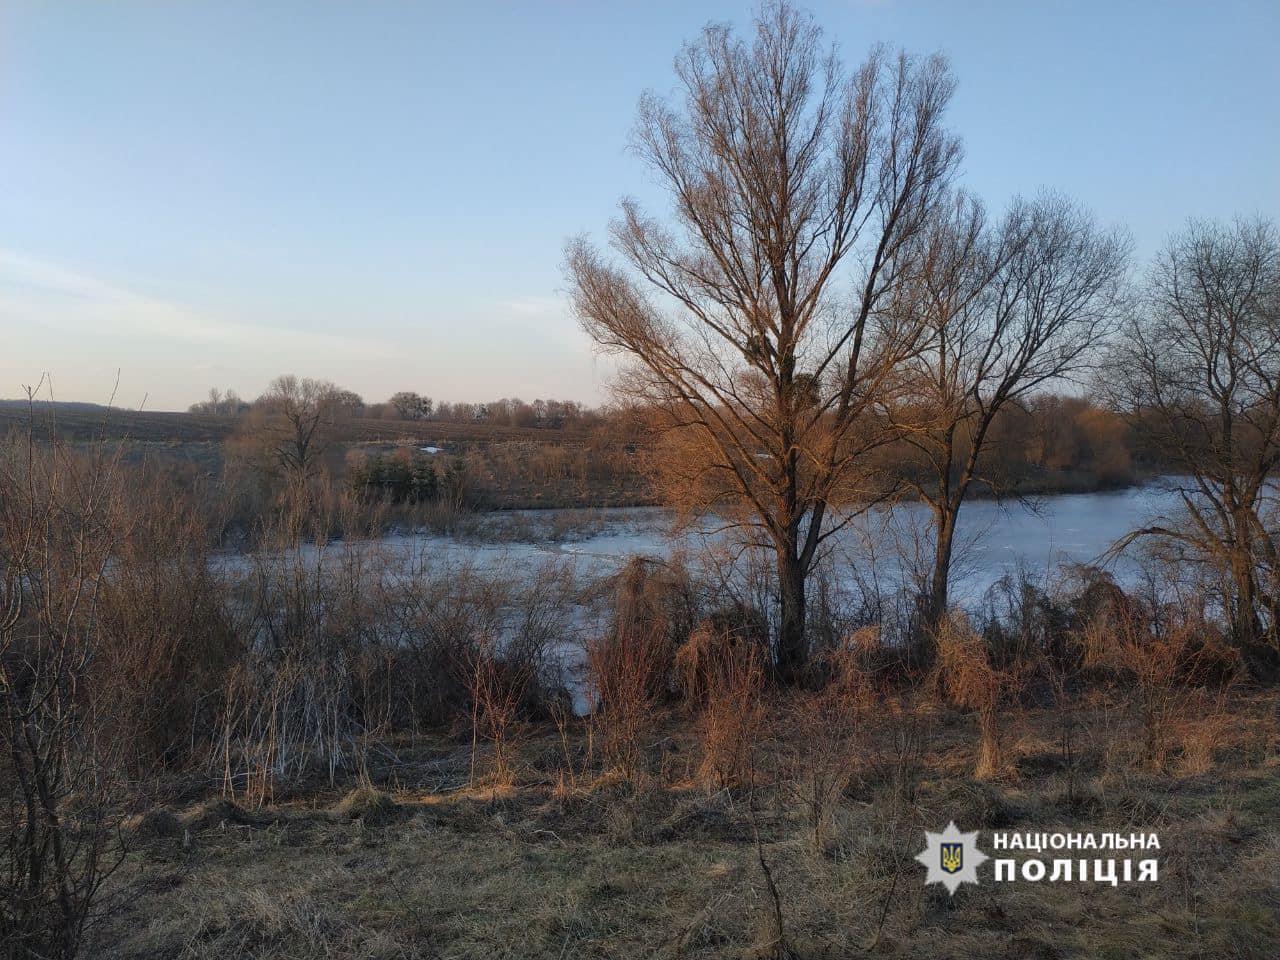 На Черкащині двоє хлопців провалилися під воду, один із них загинув